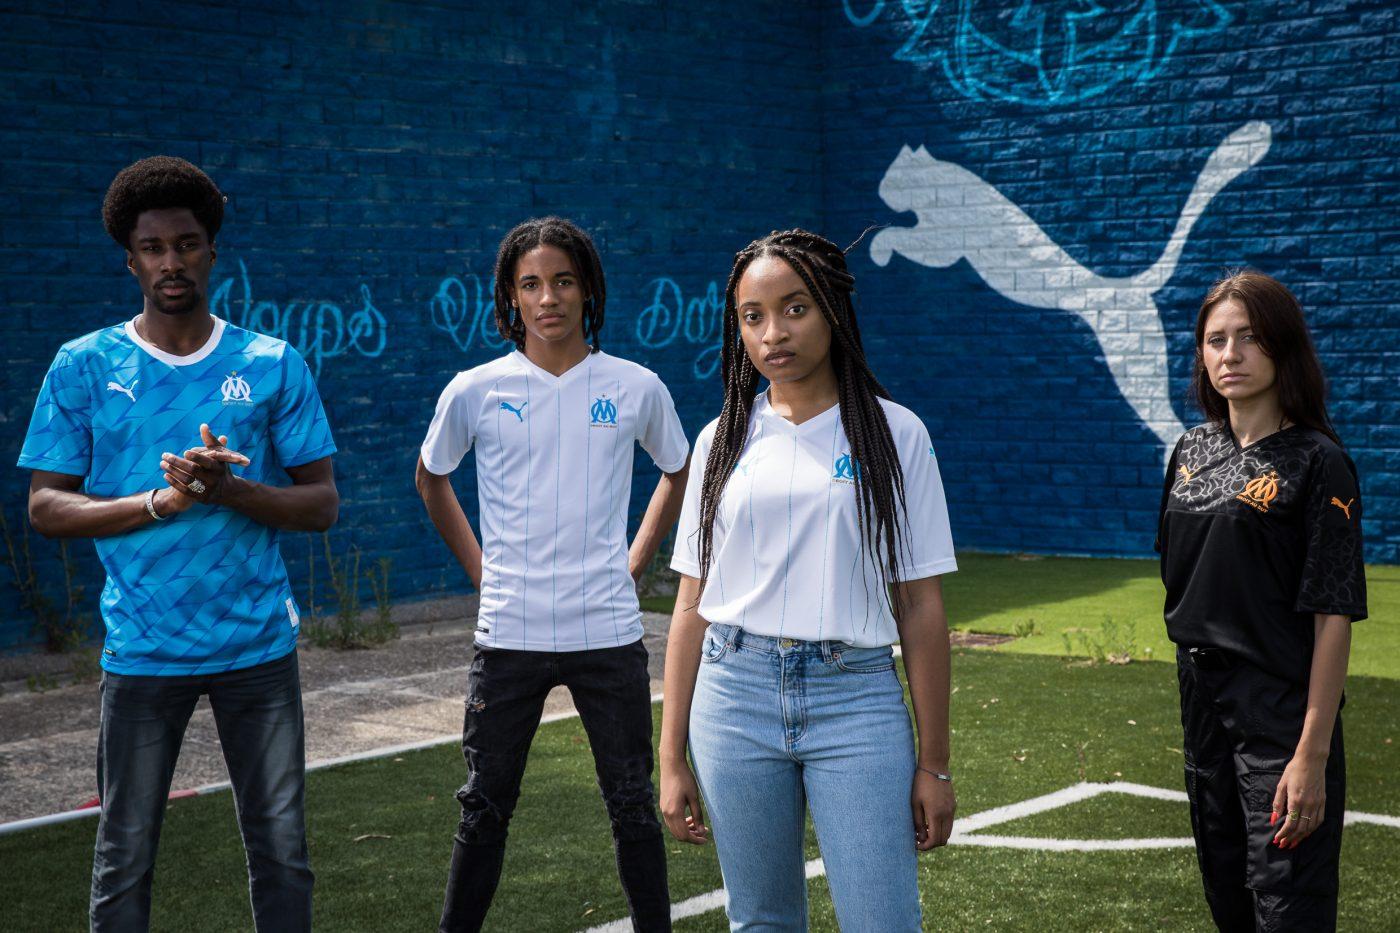 maillot-football-puma-olympique-marseille-om-away-exterieur-third-troisieme-footpack-juin-2019-5